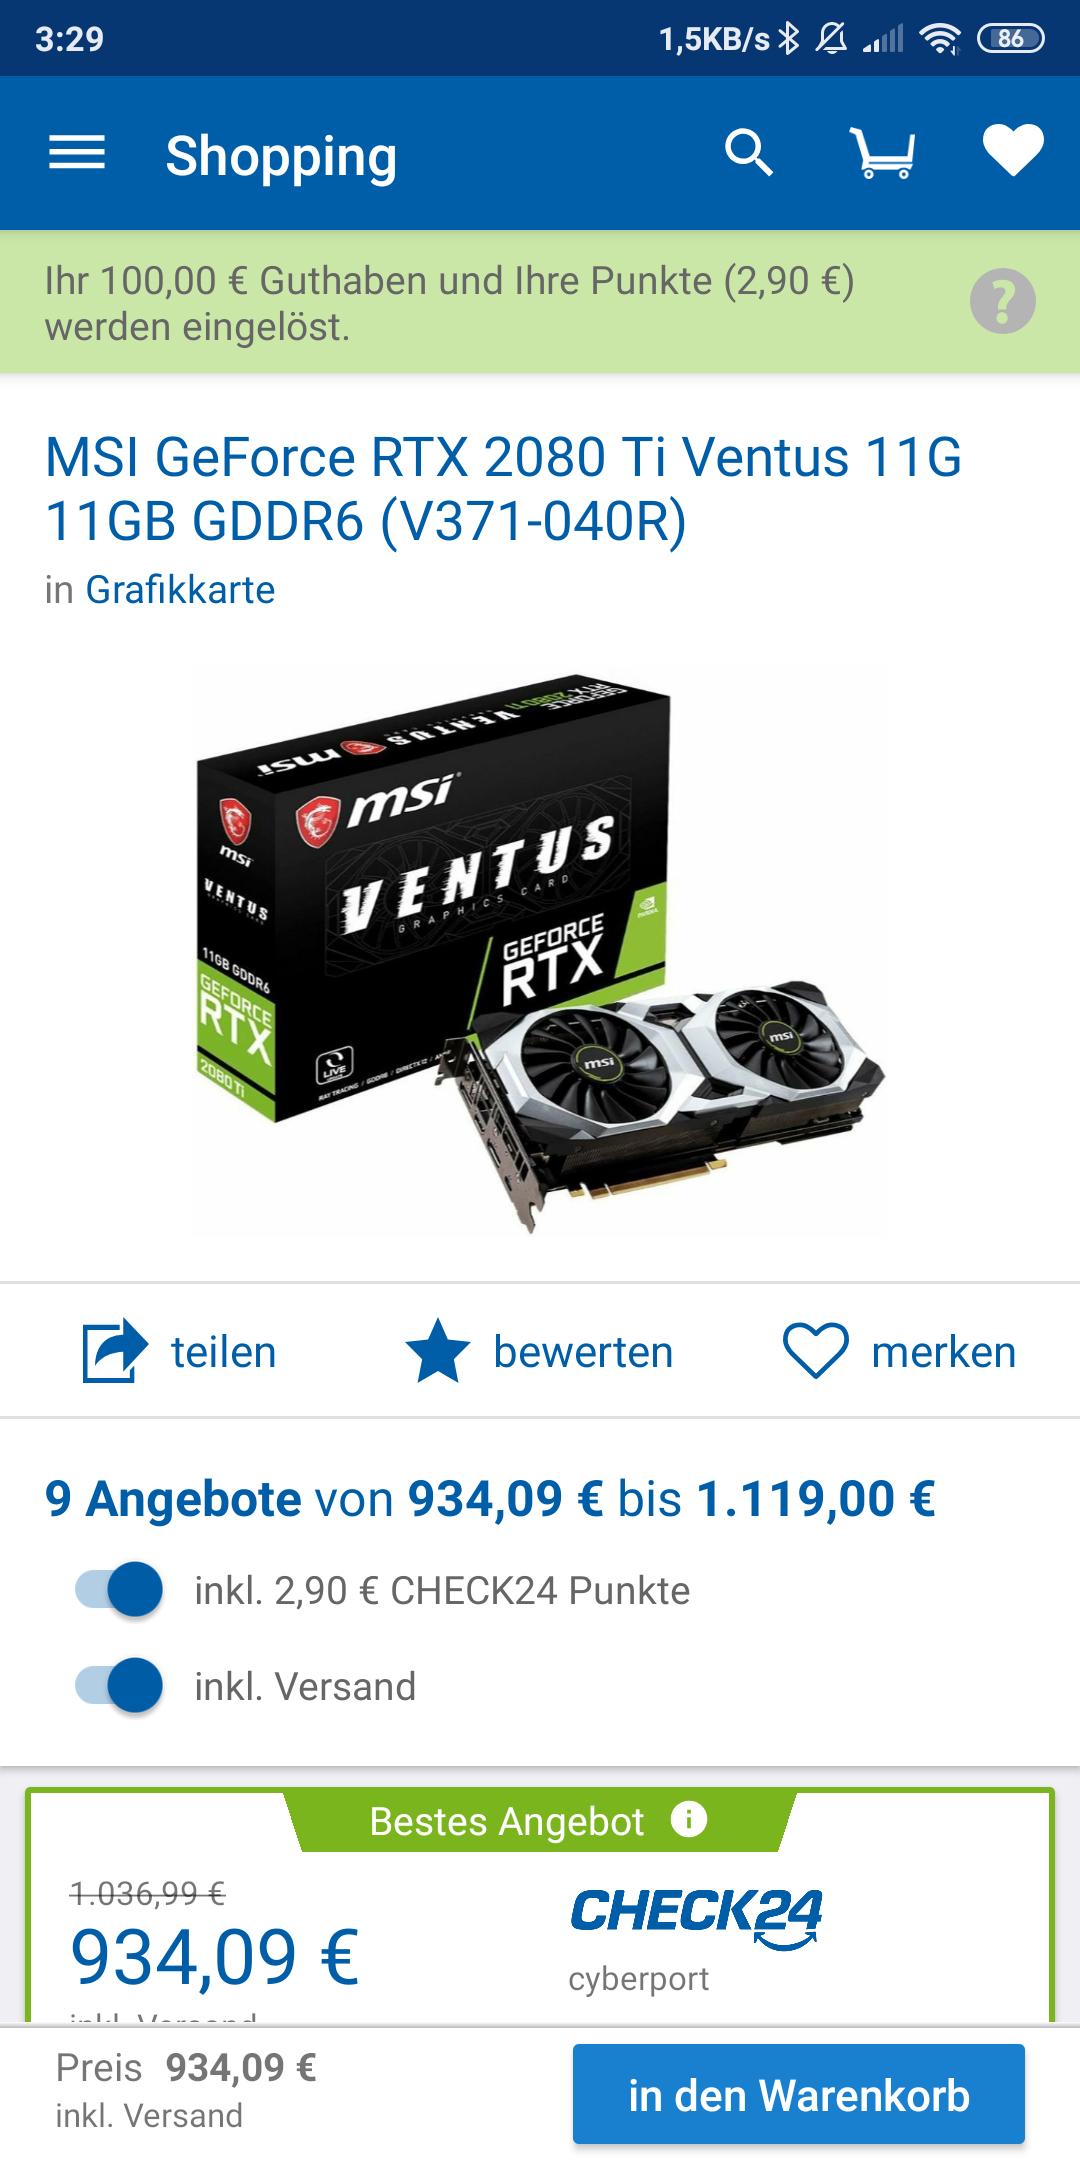 MSI RTX 2080 TI Ventus per CHECK24 deal